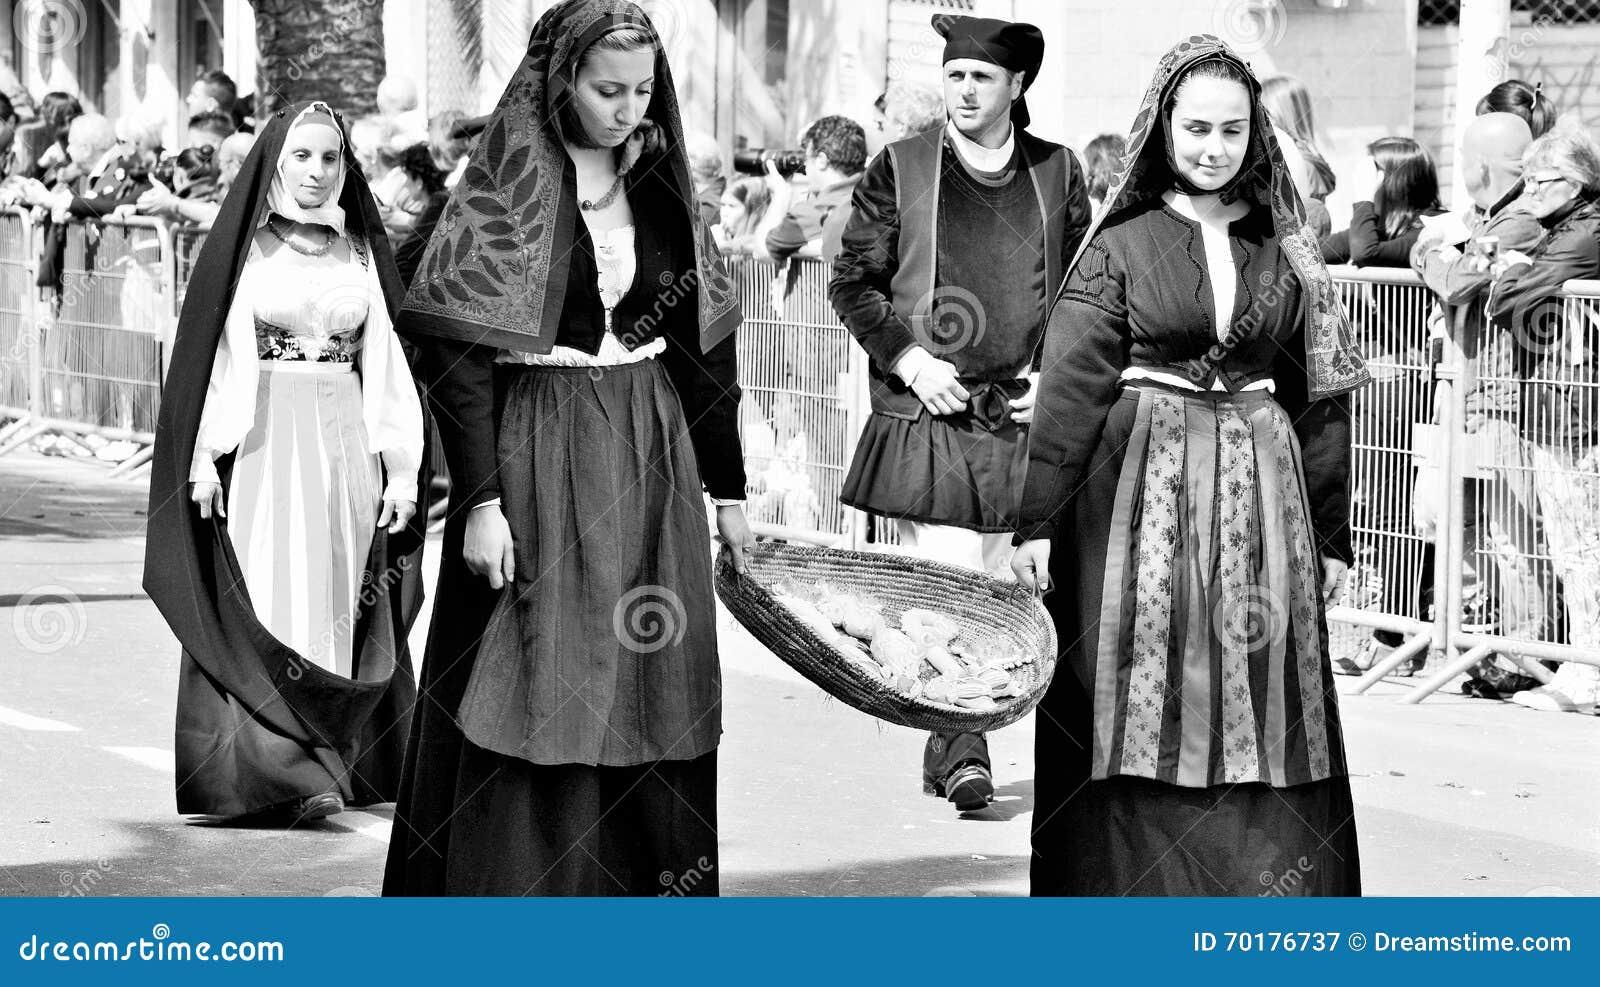 Sardinian tradition